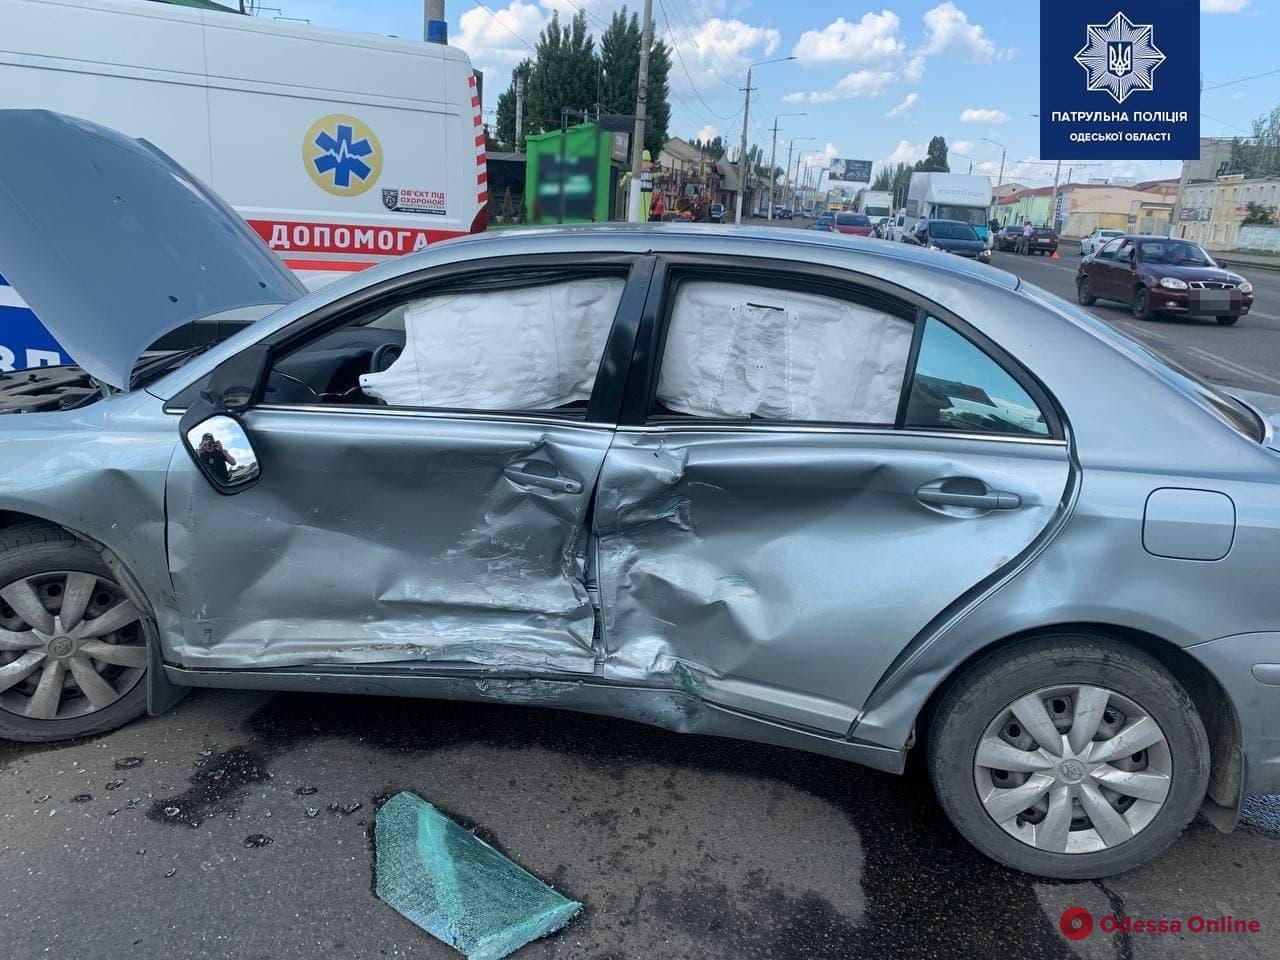 На Николаевской дороге столкнулись две легковушки – пострадал один из водителей